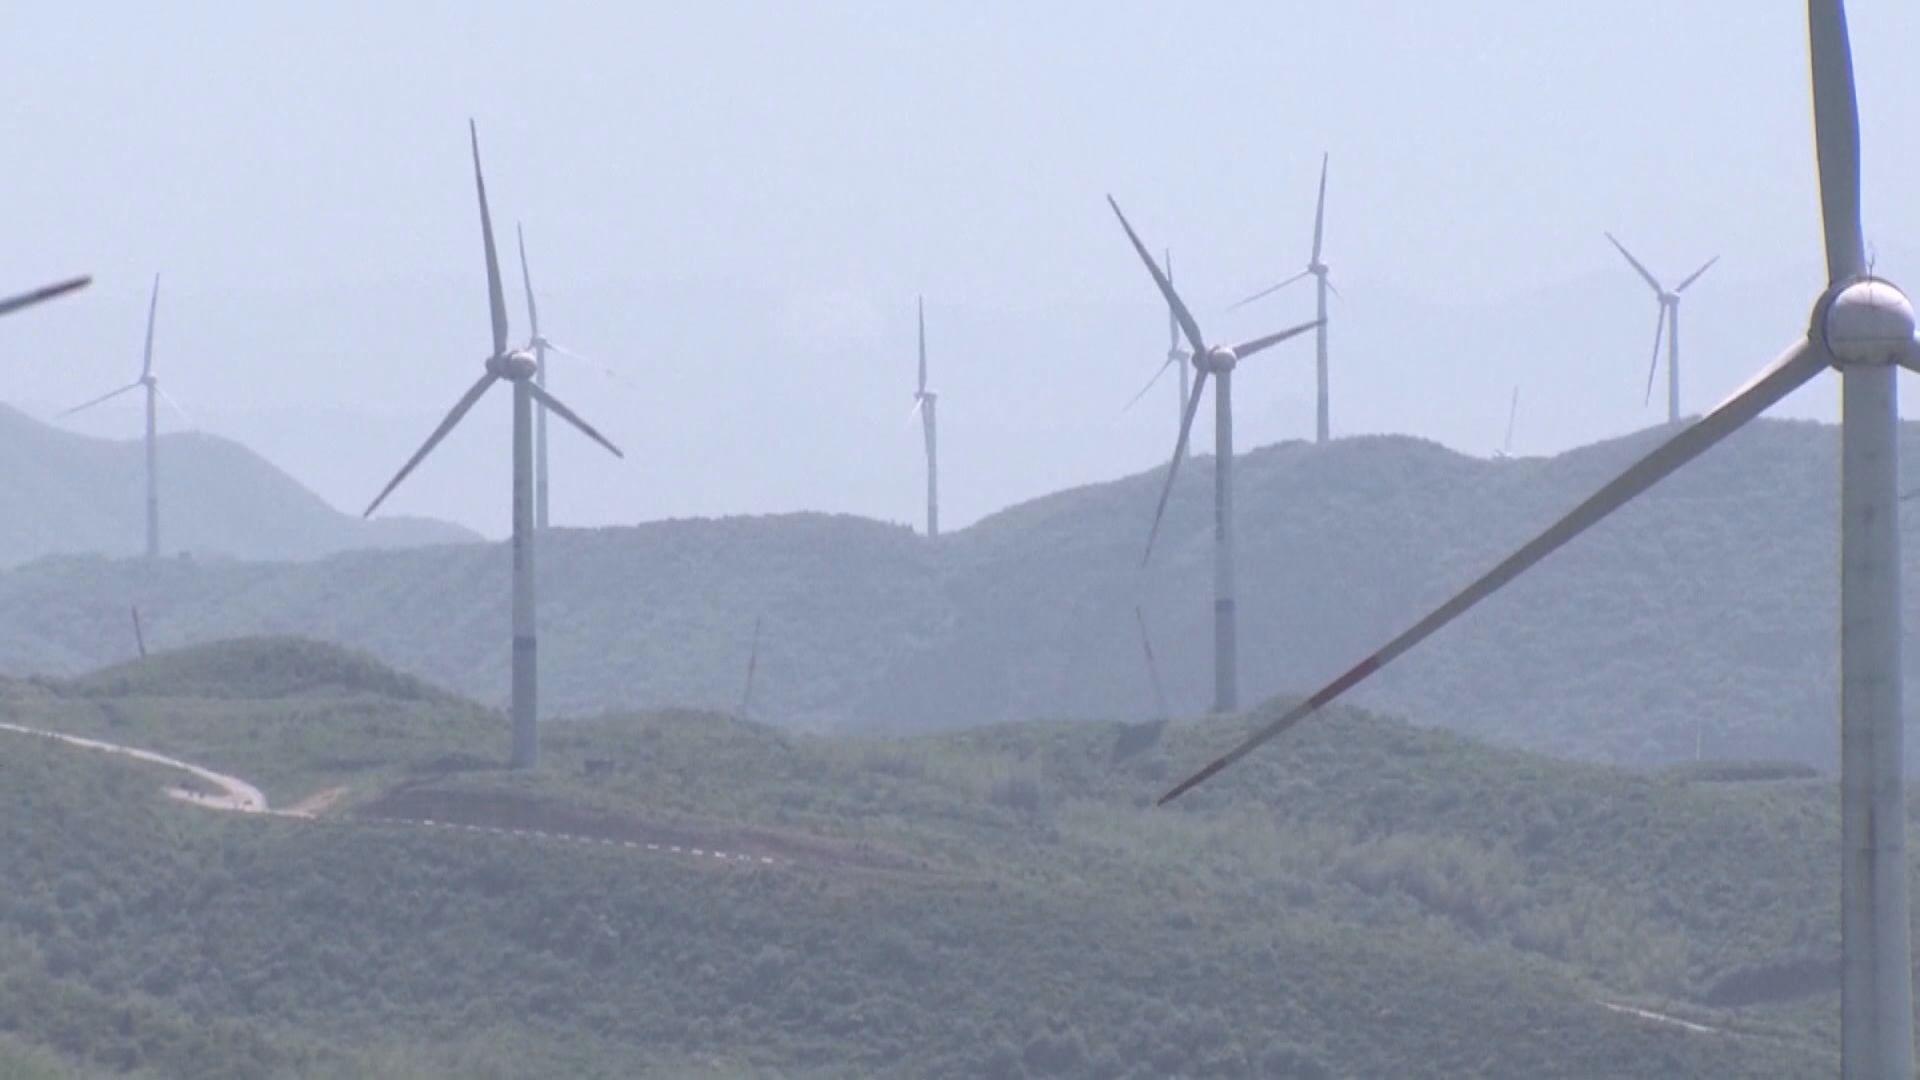 【環球薈報】英國住戶可賣電予能源公司